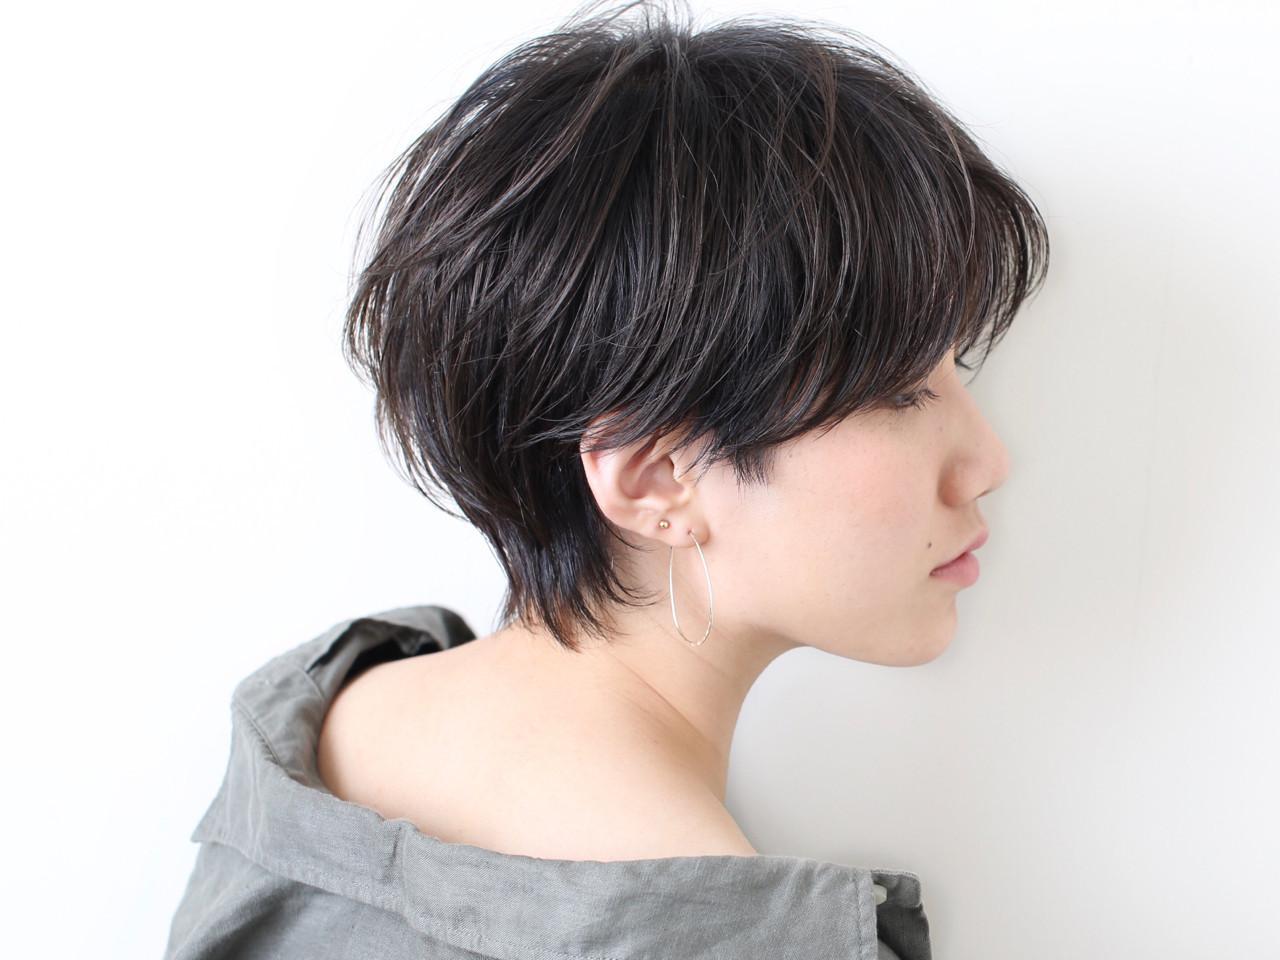 ナチュラル 黒髪 ウルフカット かっこいい ヘアスタイルや髪型の写真・画像